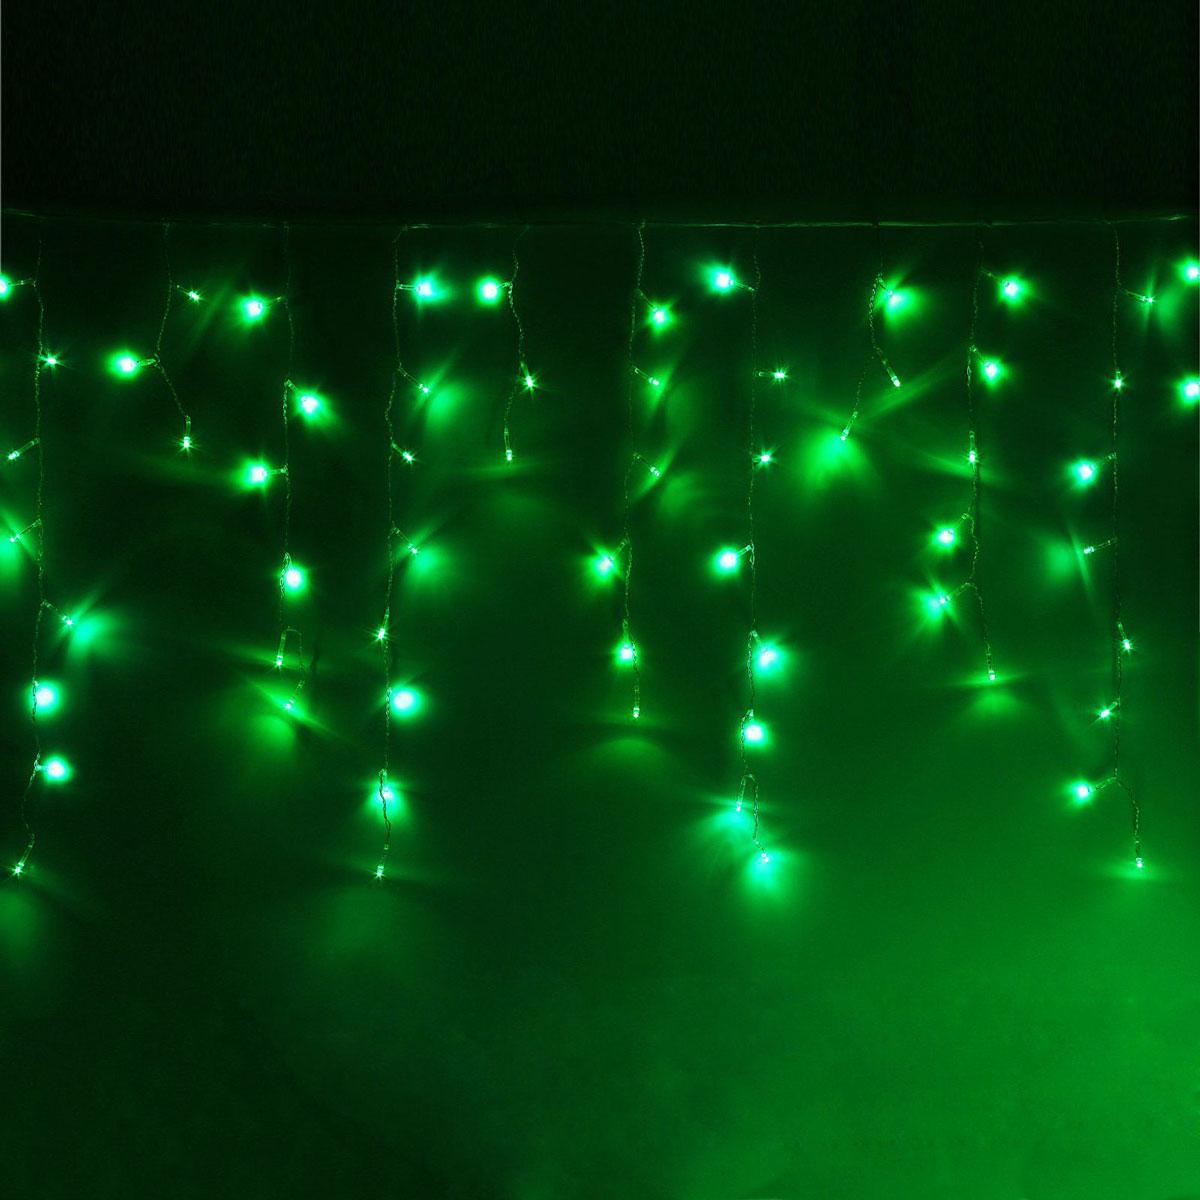 Гирлянда светодиодная Luazon Бахрома, 8 режимов, 299 ламп, 220 V, цвет: зеленый, 5,2 х 0,6 м. 10804234670025843904Светодиодные гирлянды, ленты и т.д — это отличный вариант для новогоднего оформления интерьера или фасада. С их помощью помещение любого размера можно превратить в праздничный зал, а внешние элементы зданий, украшенные ими, мгновенно станут напоминать очертания сказочного дворца. Такие украшения создают ауру предвкушения чуда. Деревья, фасады, витрины, окна и арки будто специально созданы, чтобы вы украсили их светящимися нитями.